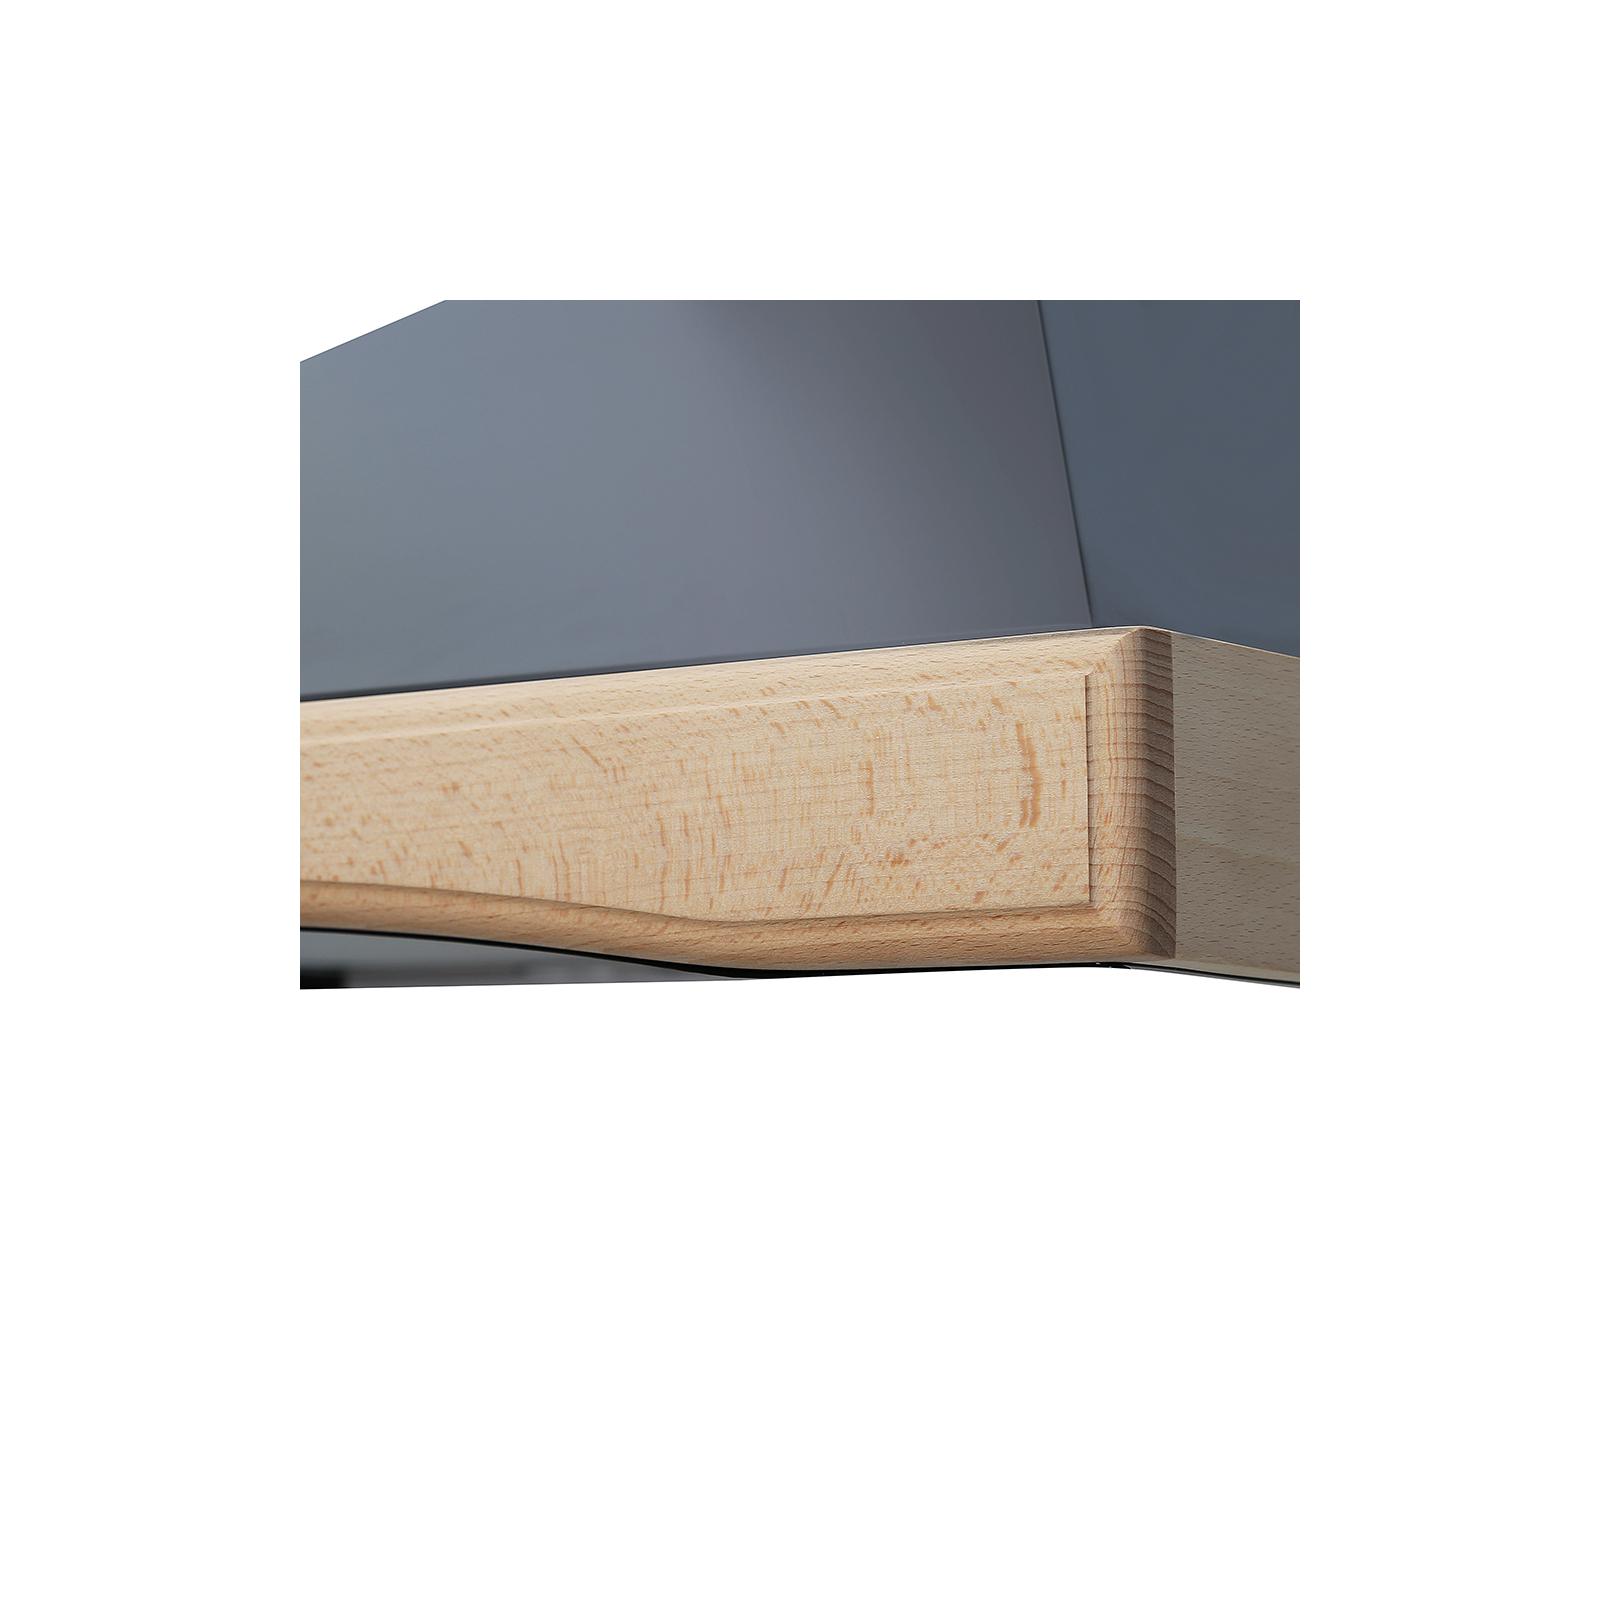 Вытяжка кухонная PERFELLI K 6121 BL Wood изображение 3